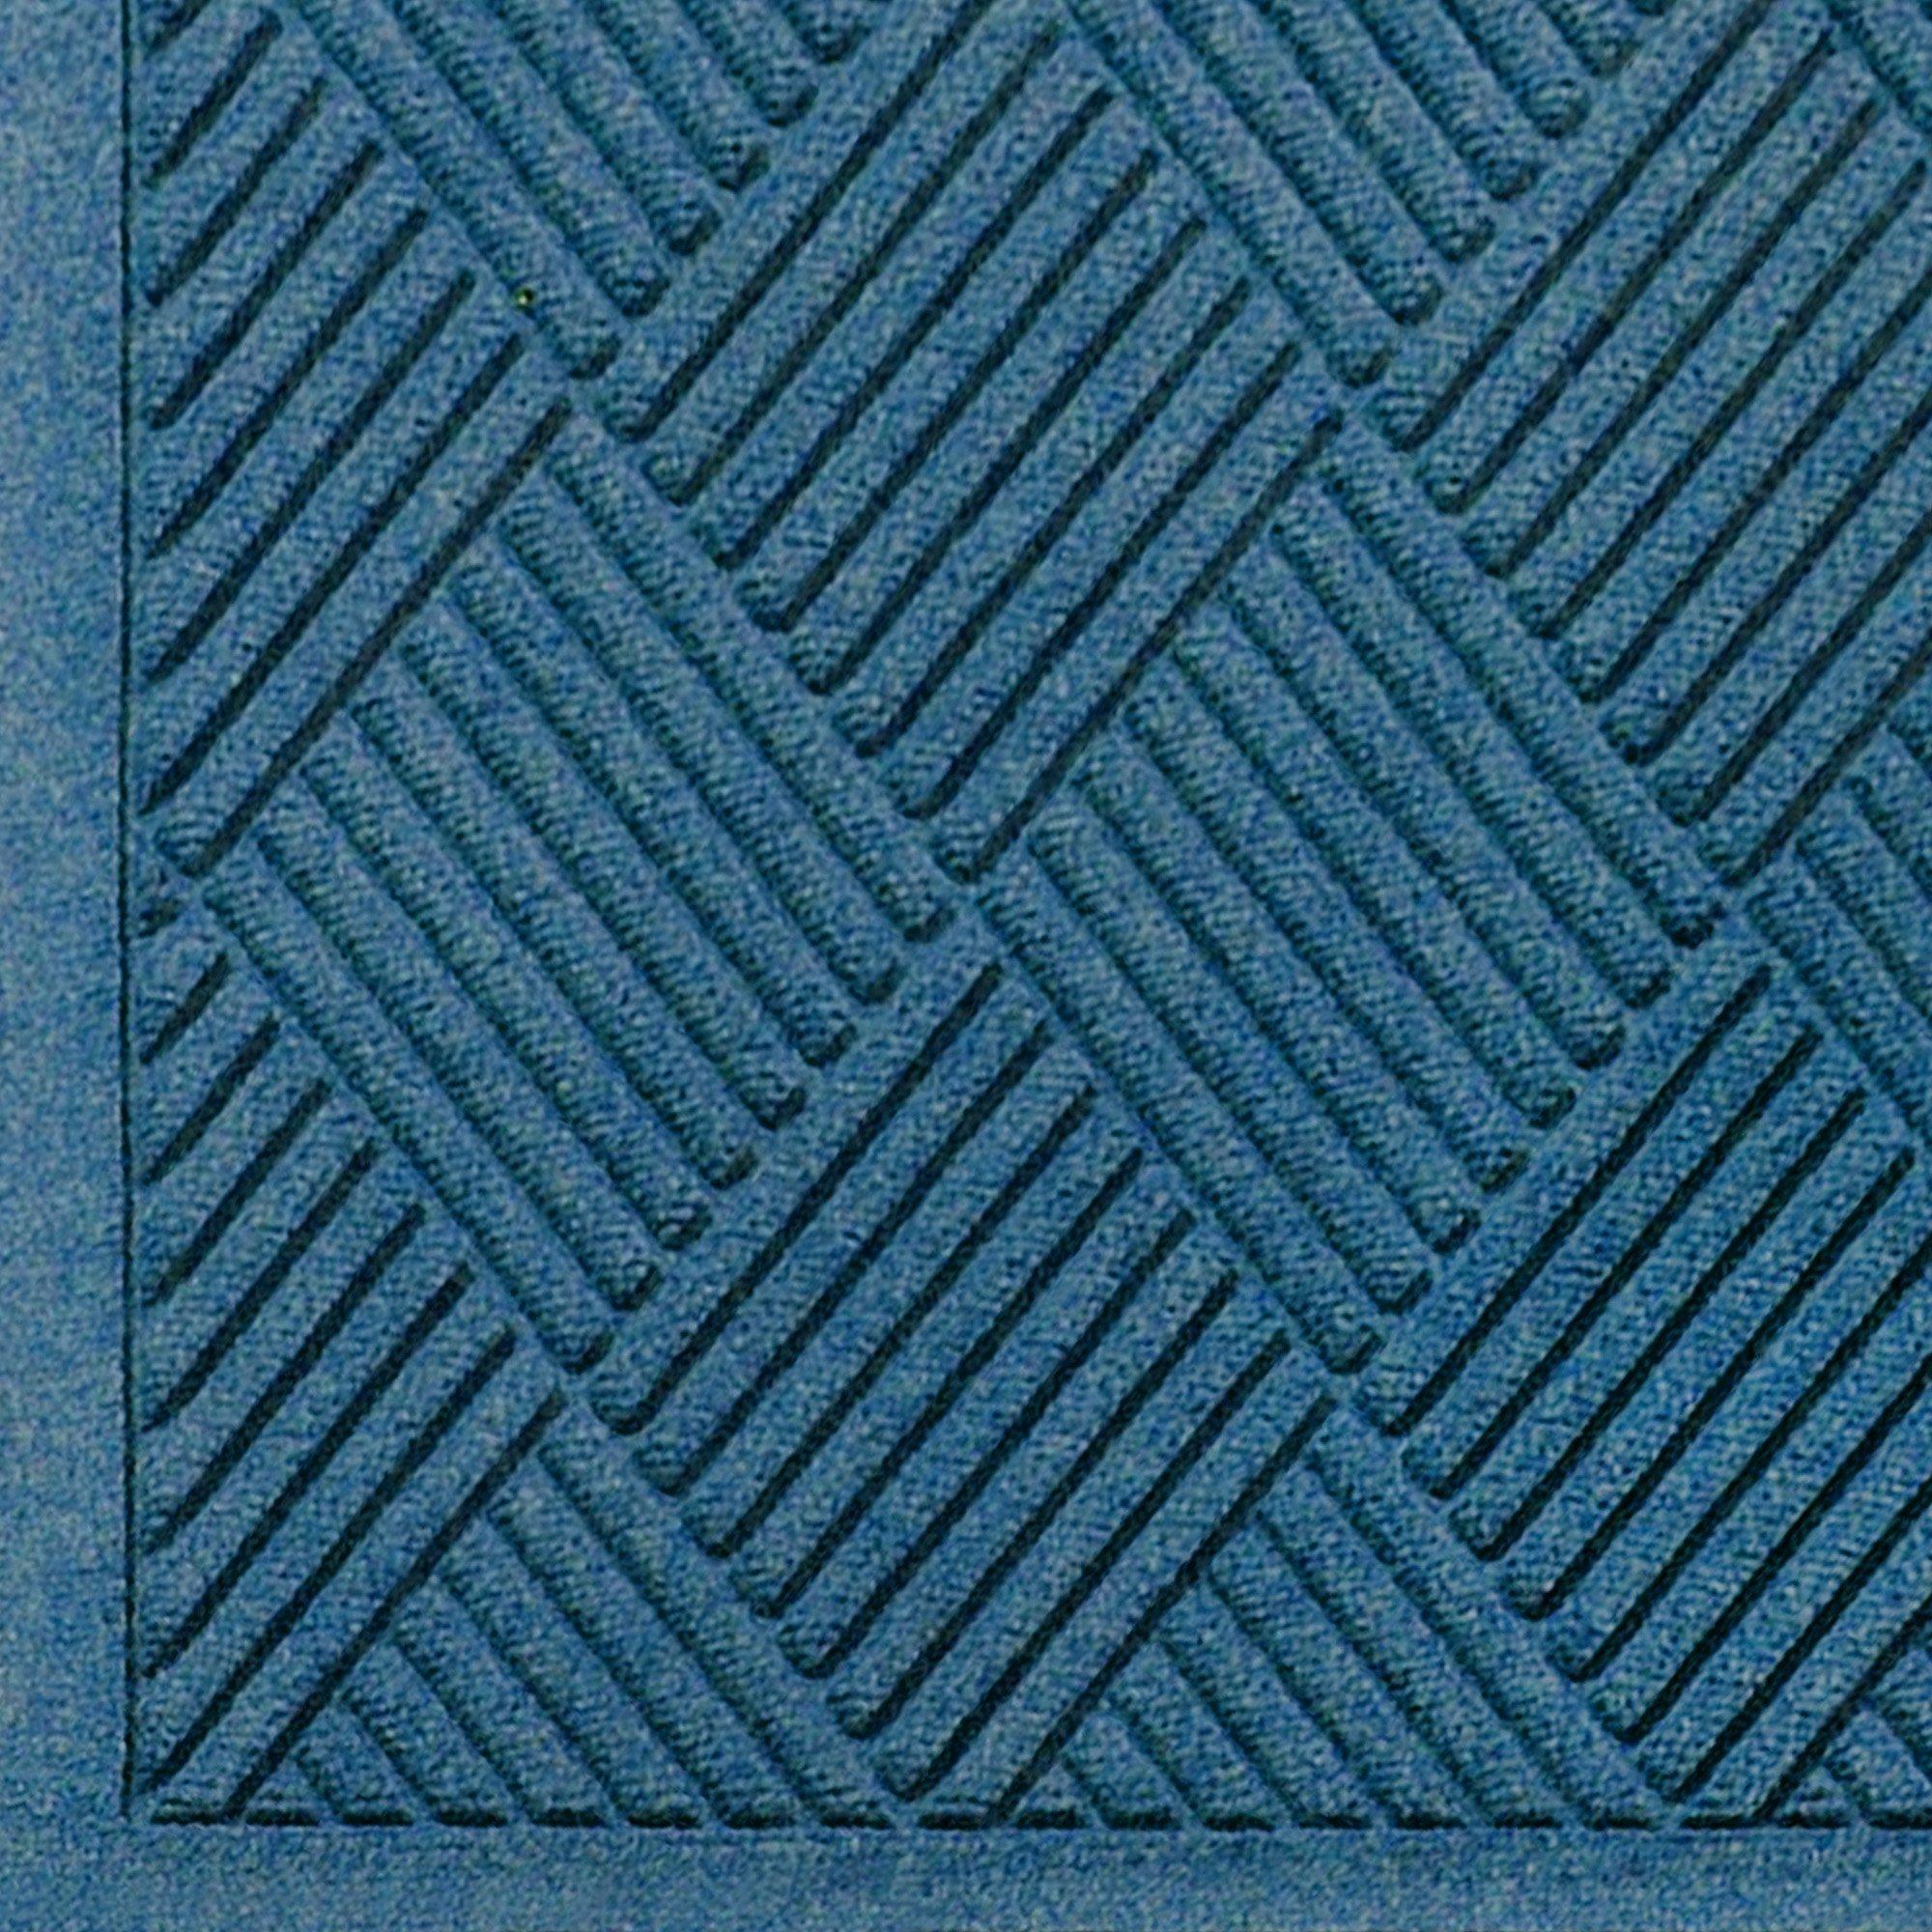 """M+A Matting 221 Waterhog Fashion Diamond Polypropylene Fiber Entrance Indoor/Outdoor Floor Mat, SBR Rubber Backing, 3' Length x 2' Width, 3/8"""" Thick, Medium Blue"""